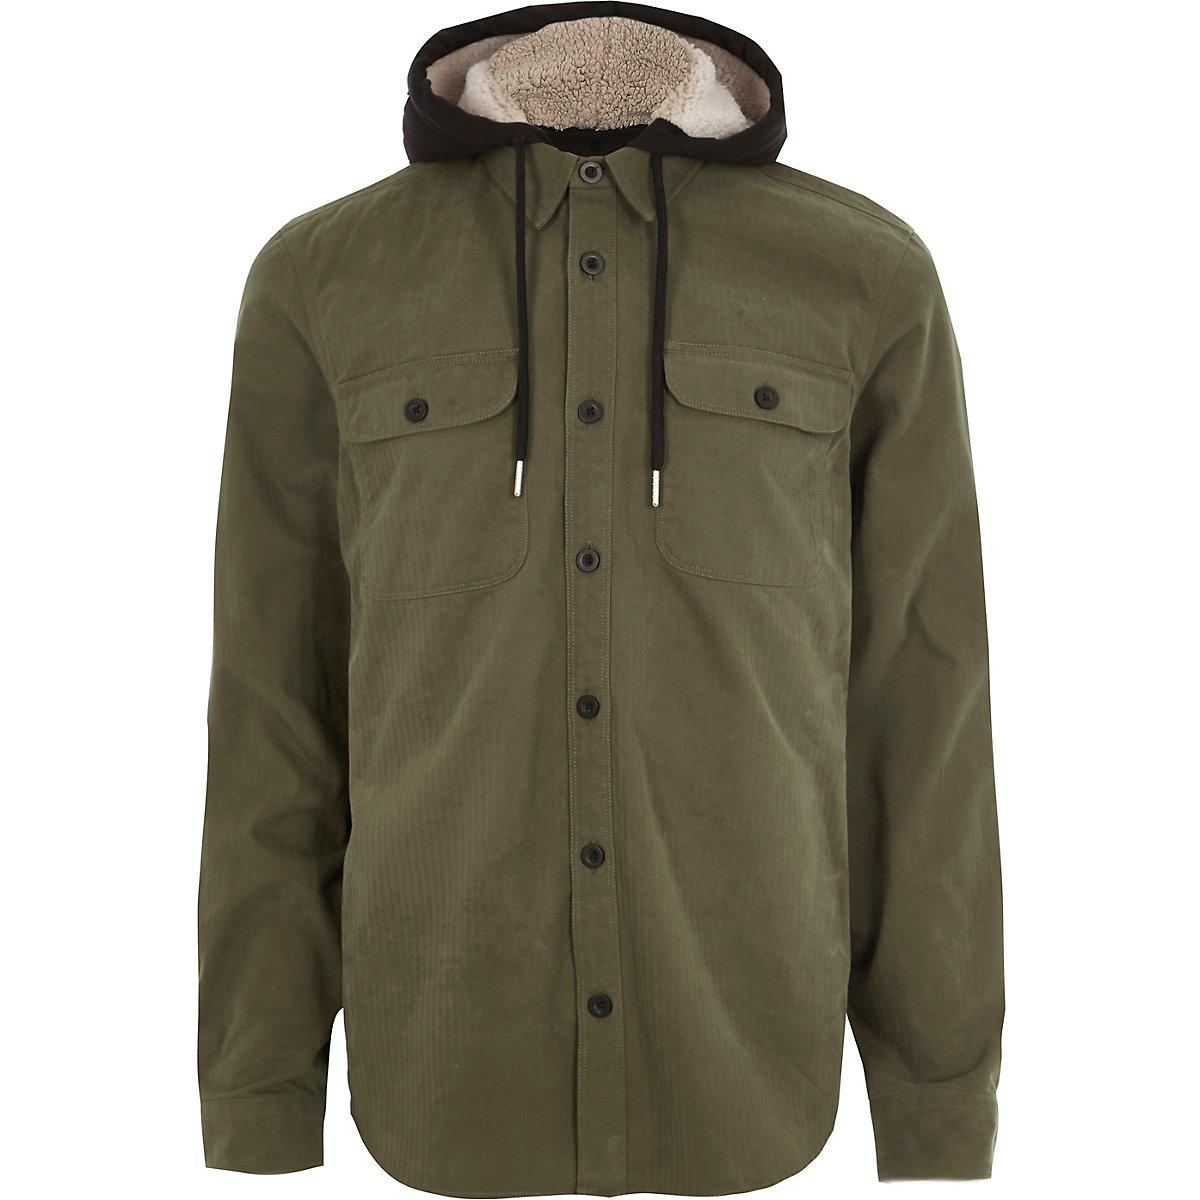 Khaki long sleeve fleece lined hood shirt